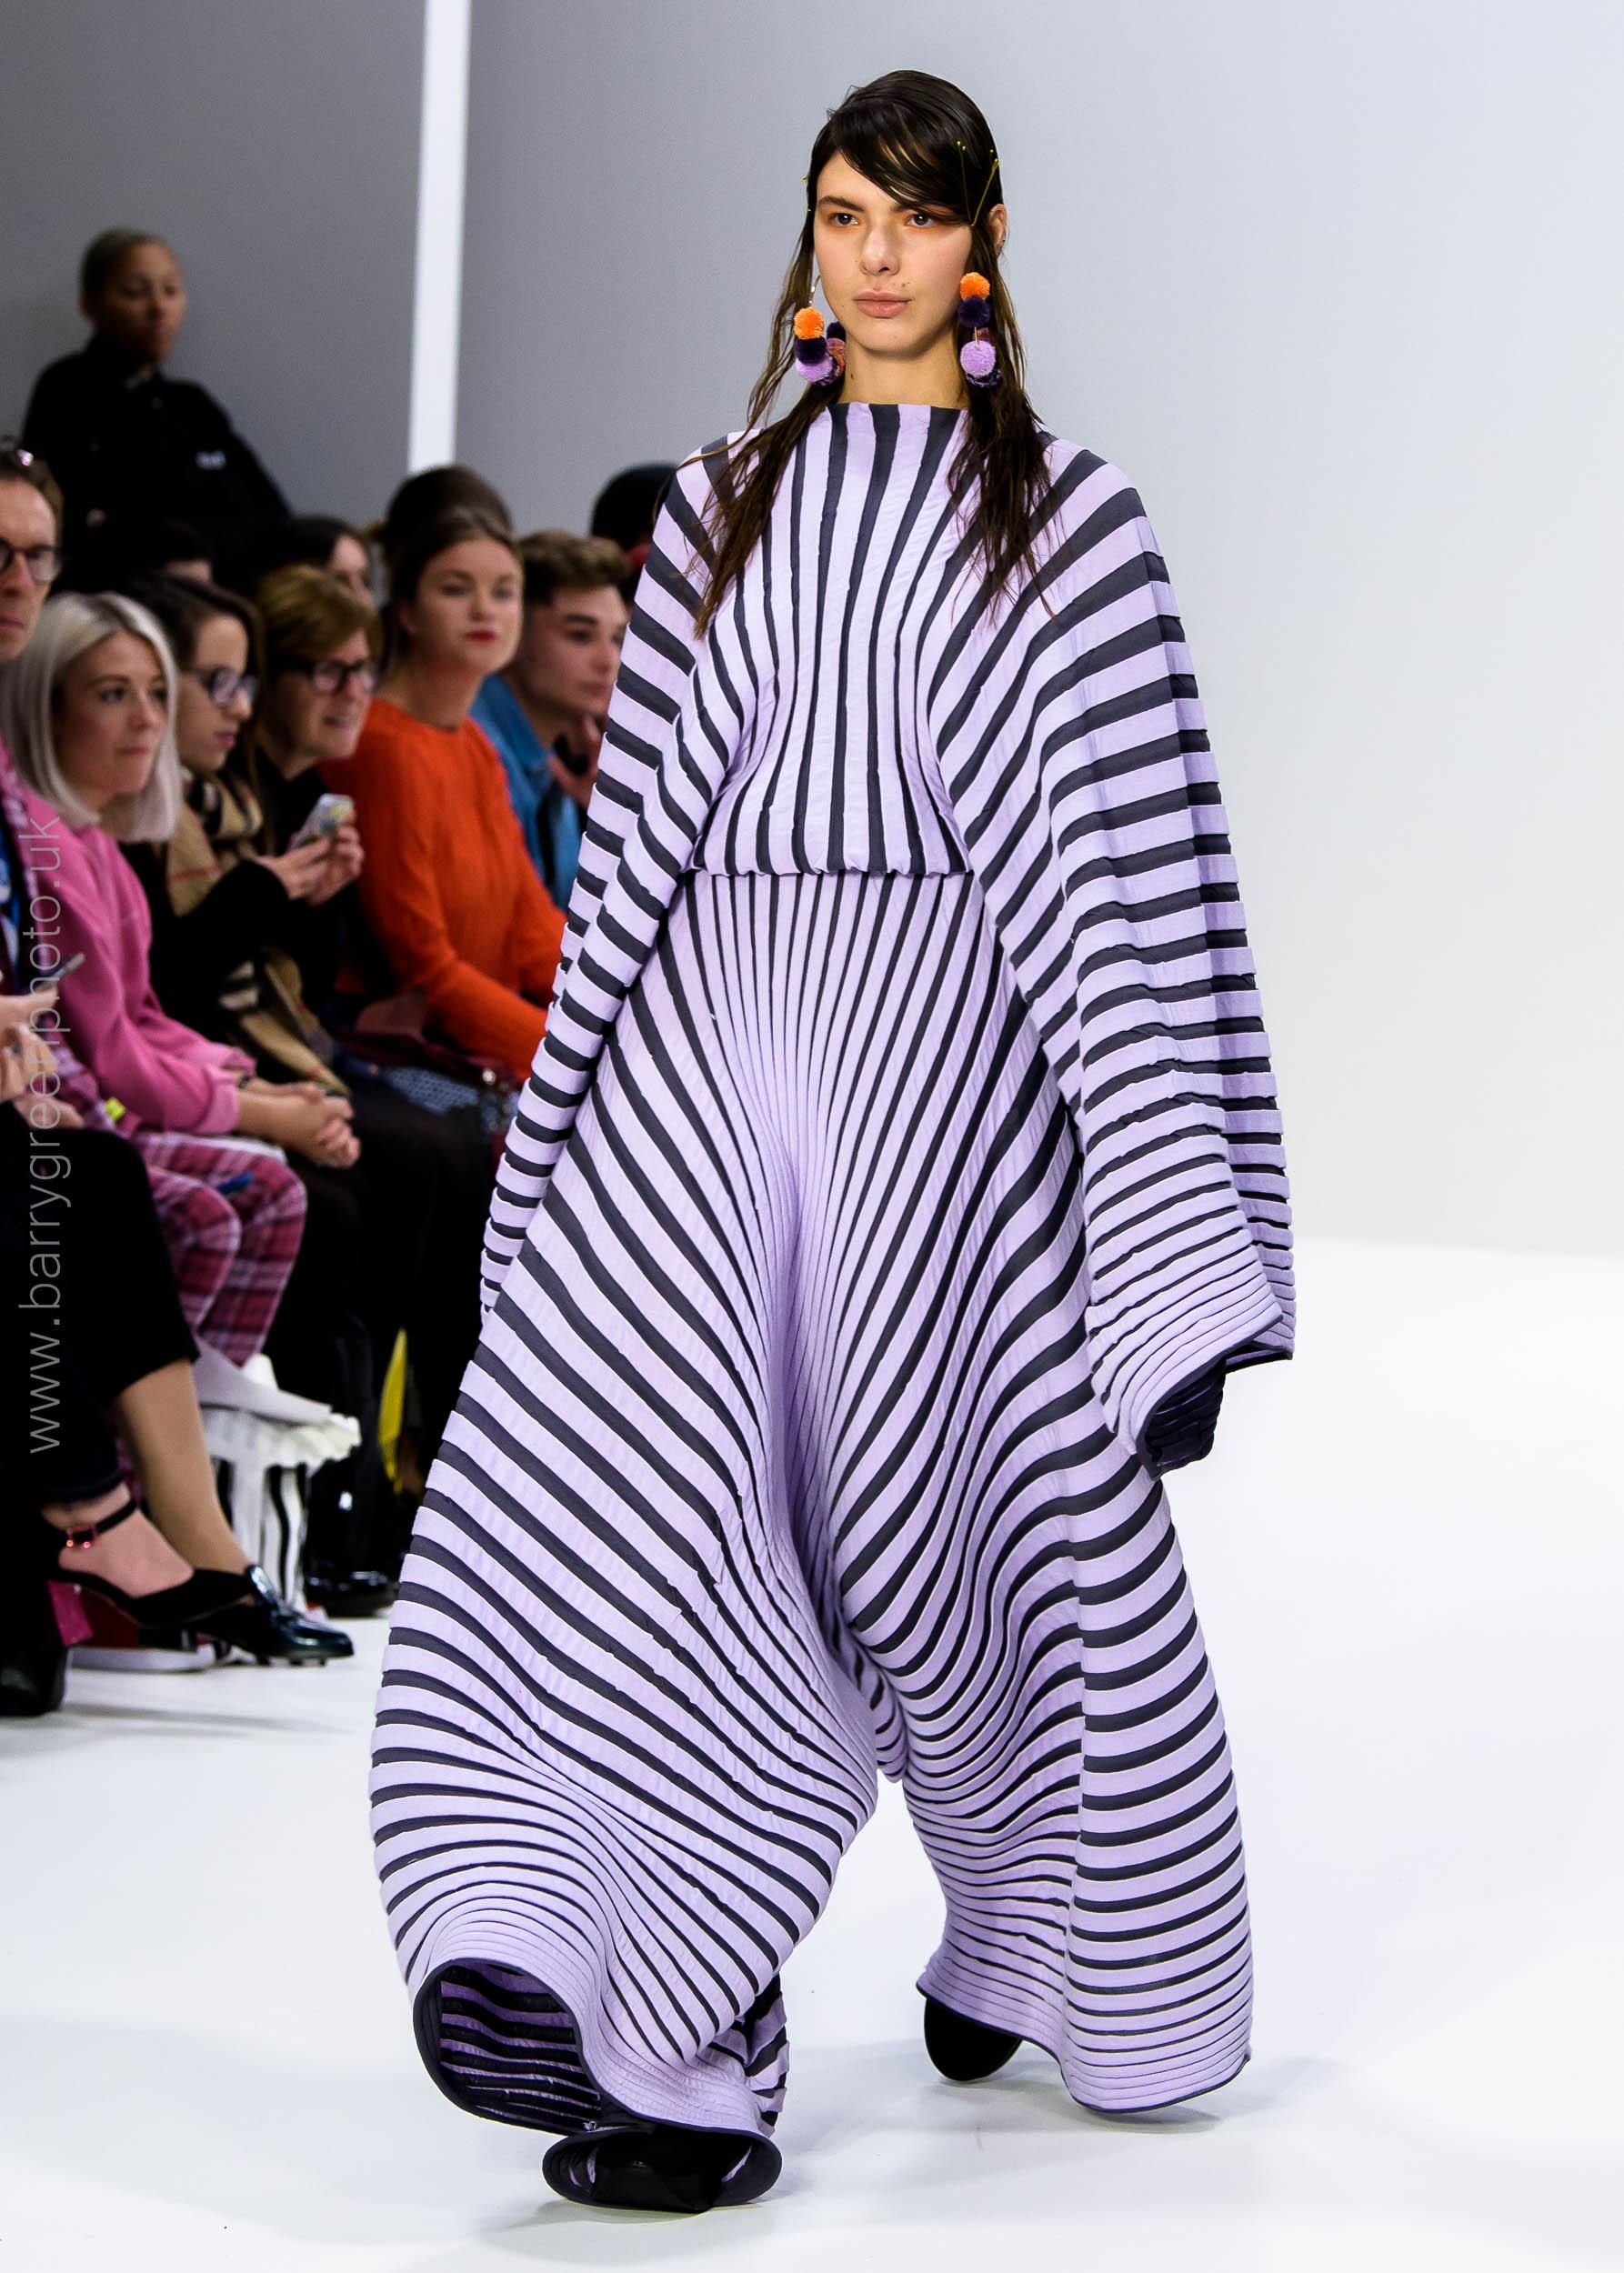 LondonFashionWeek ss18 designs by Swedish School of Textiles castwalk shows